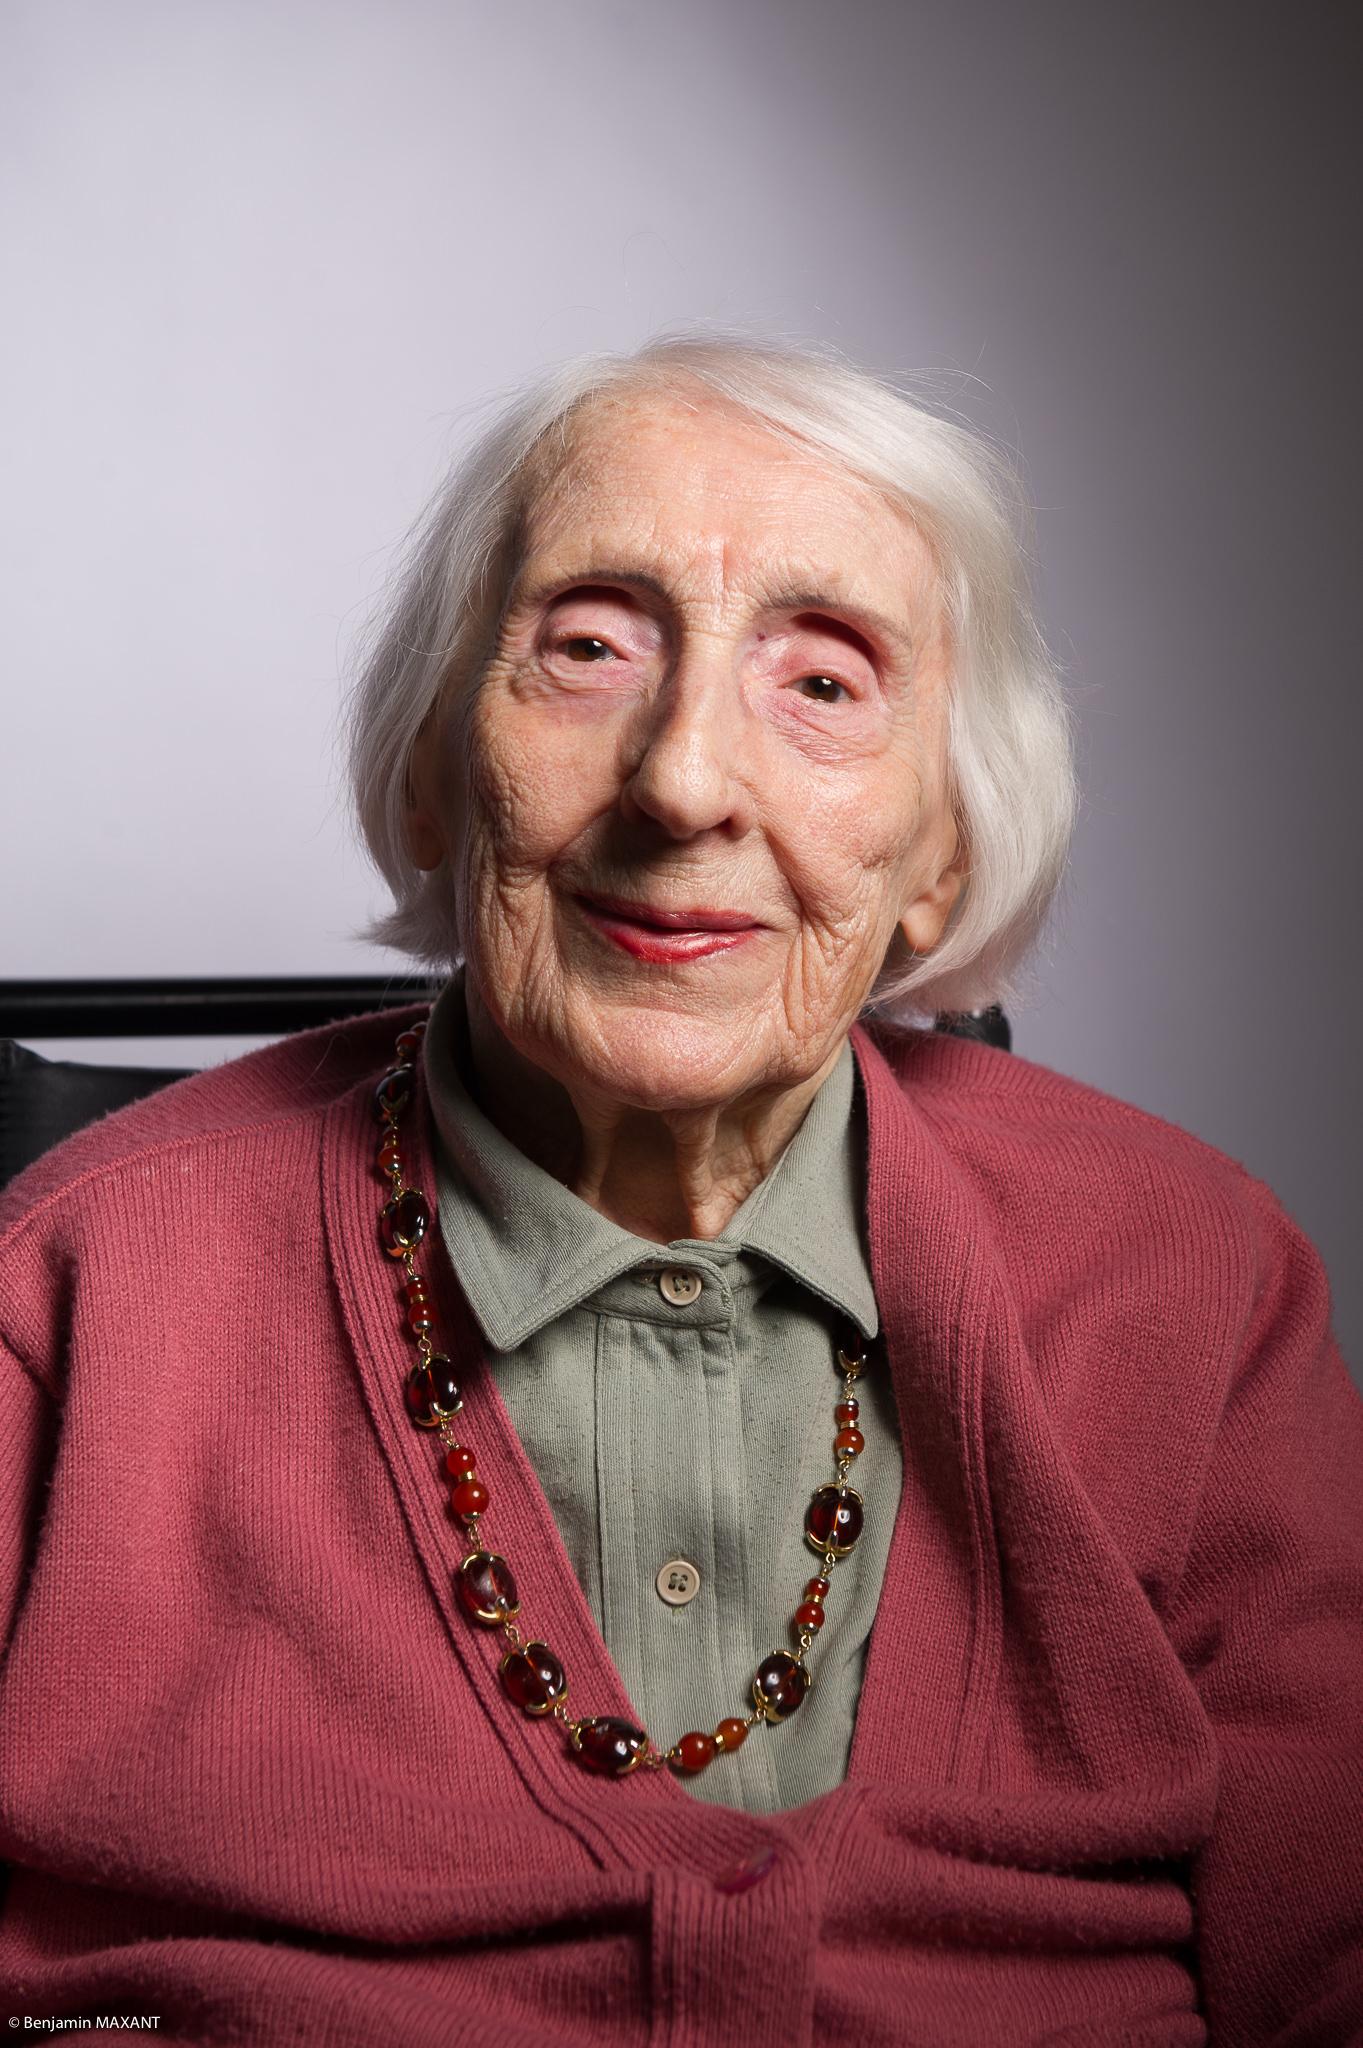 Portrait studio d'une personne âgée - femme chemise kaki